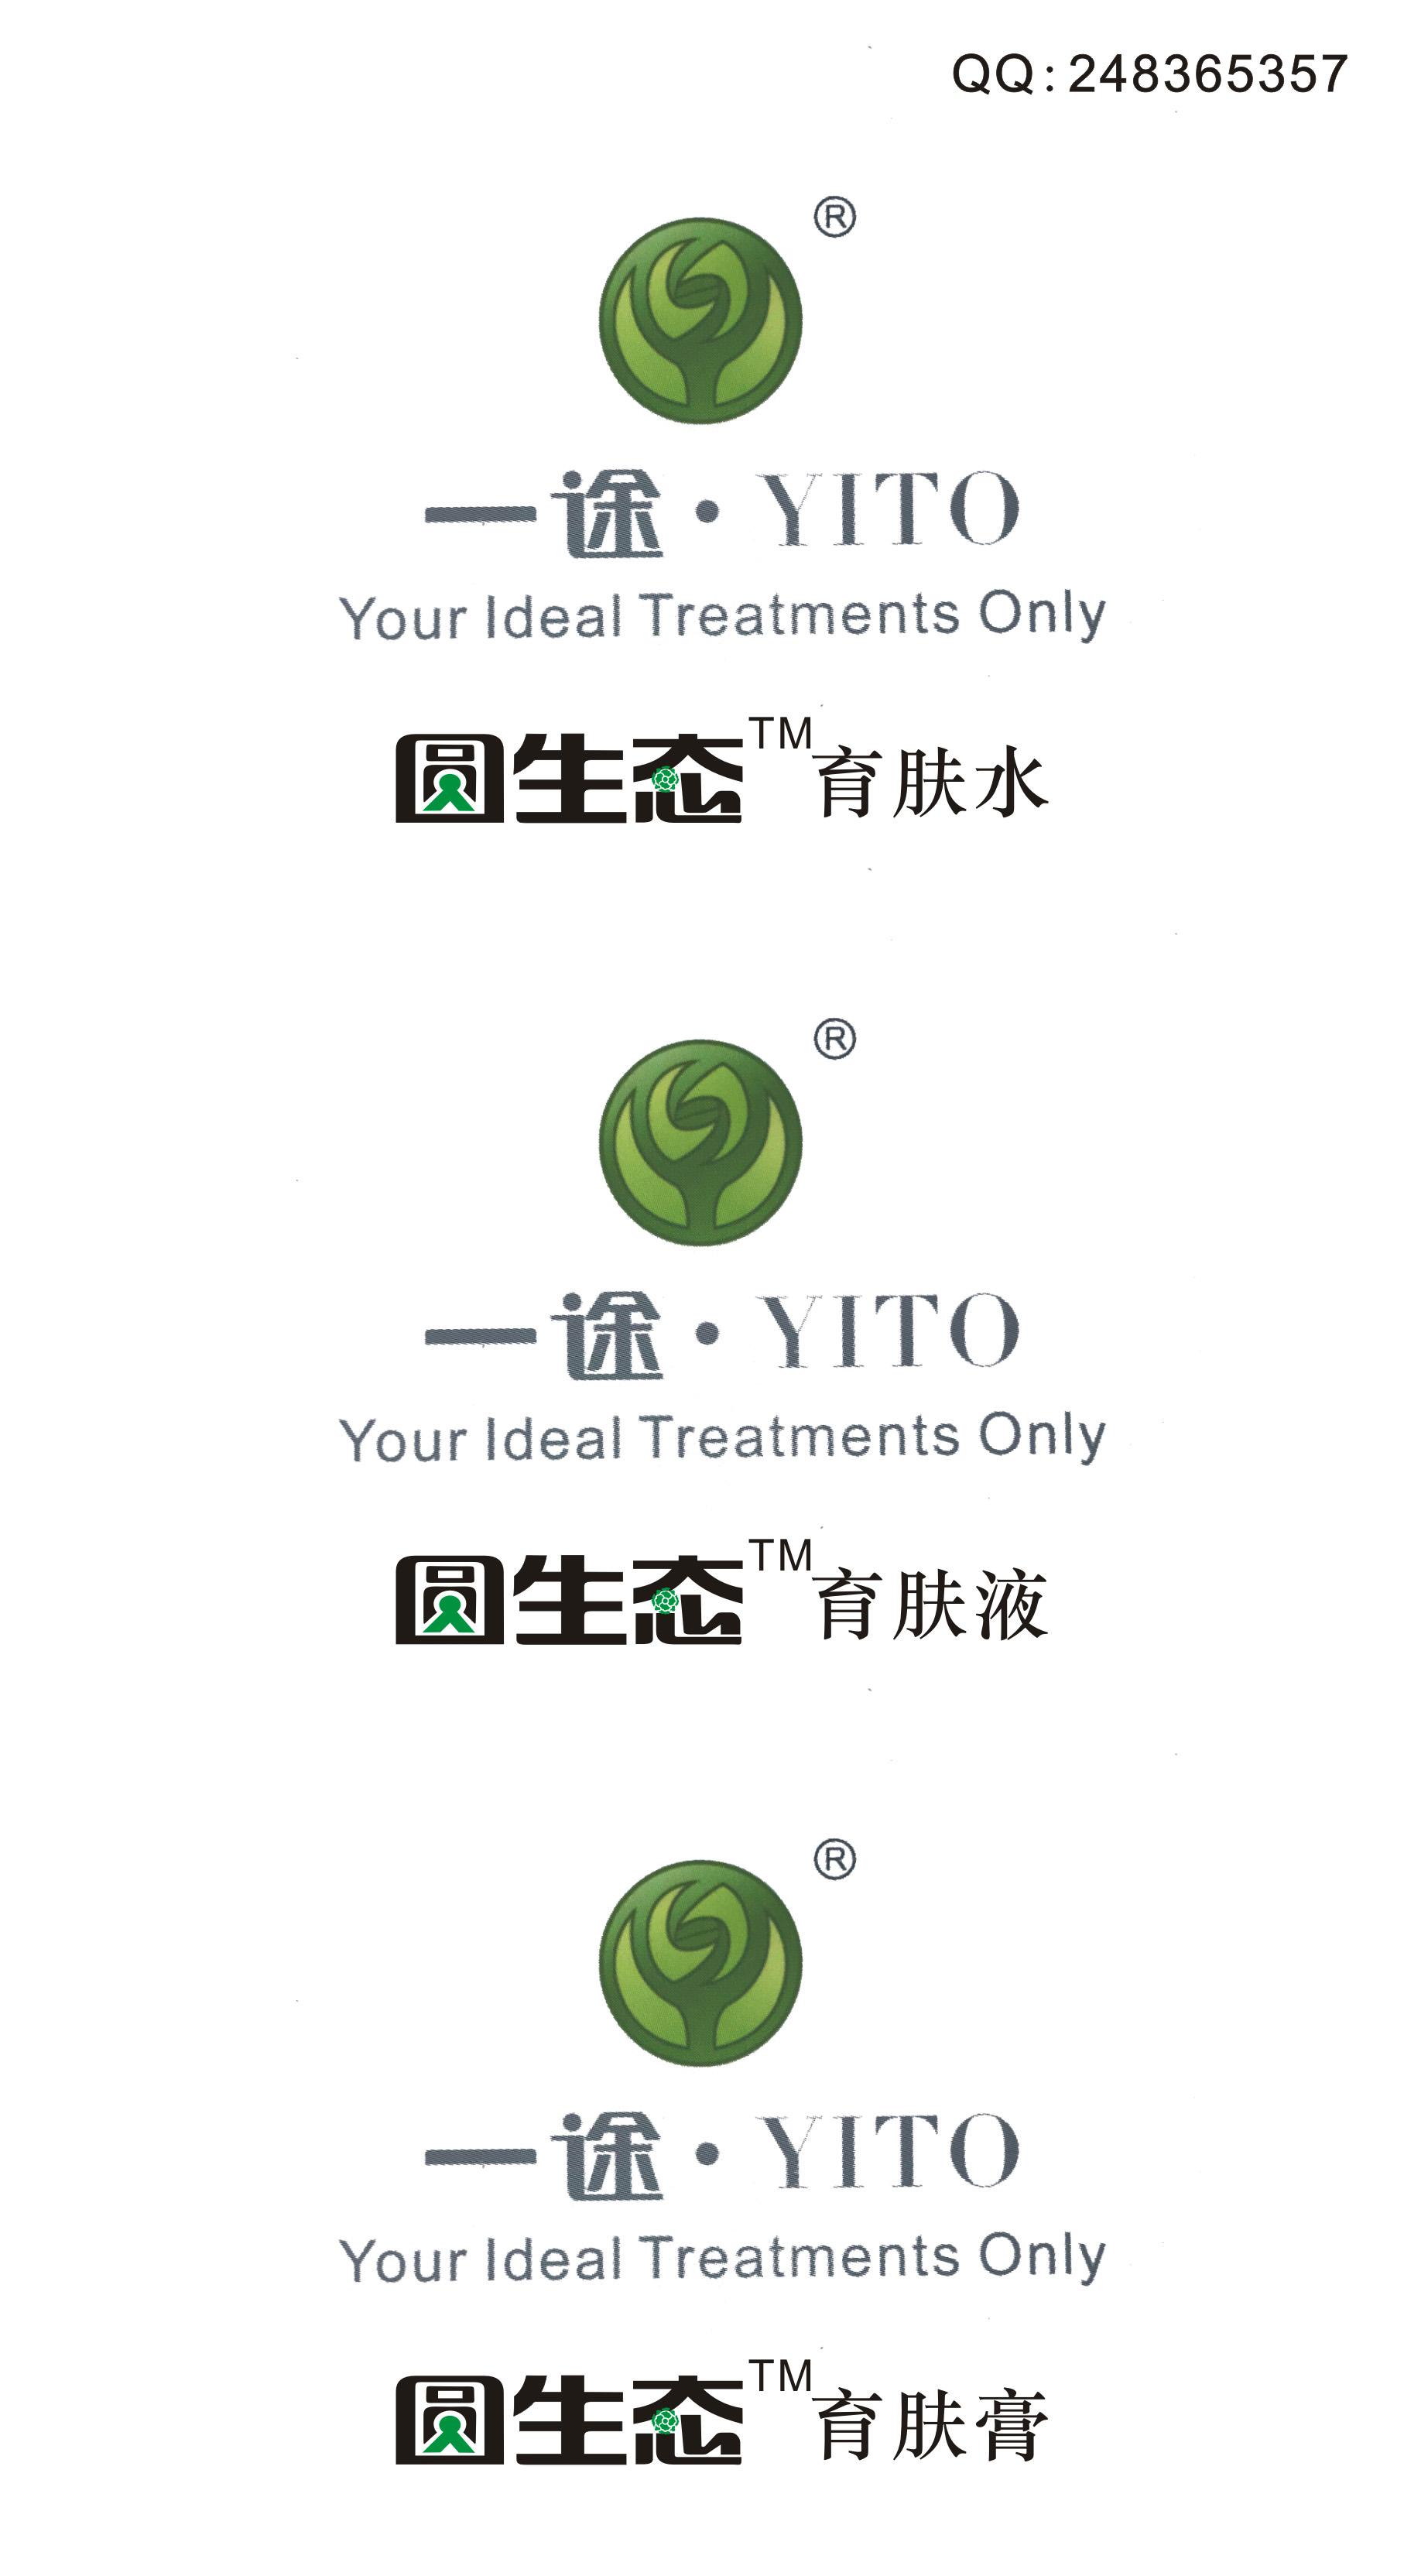 化妆品商标设计【圆生态】_2965476_k68威客网